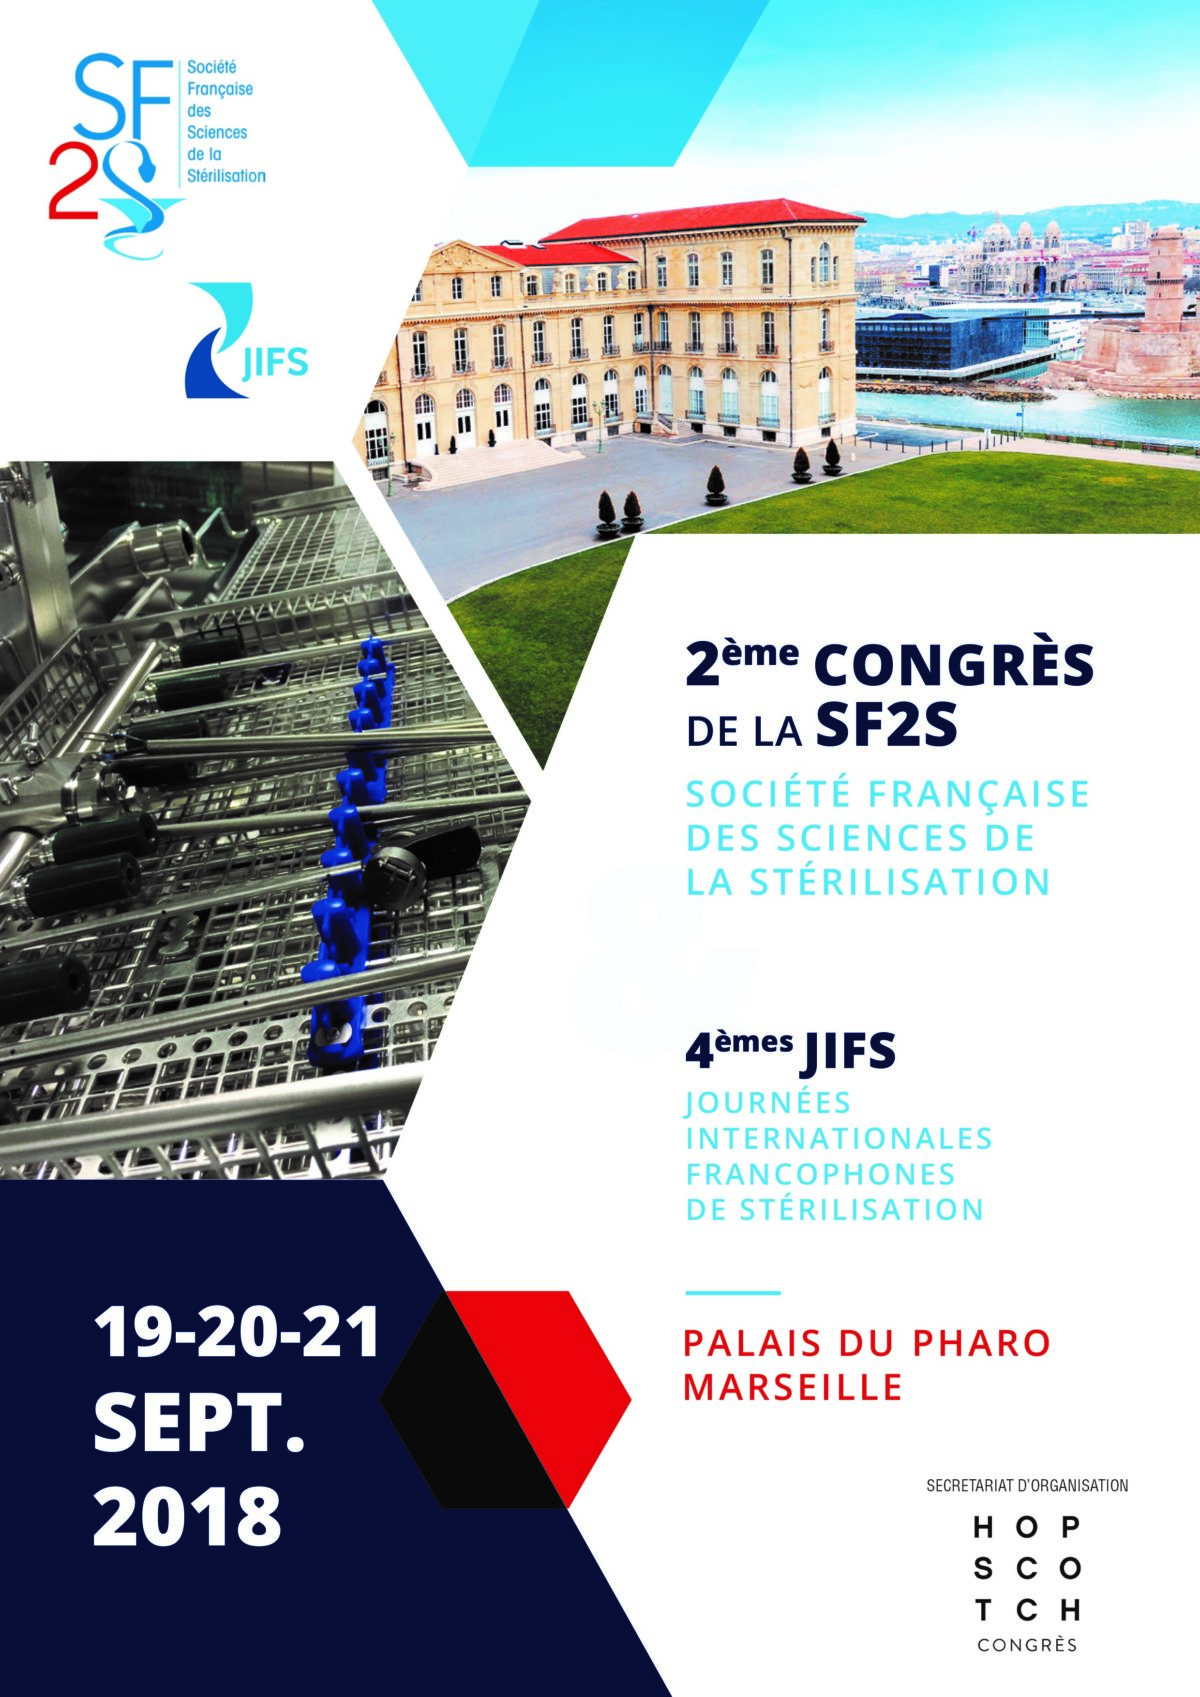 2ème Congrès de la SF2S & 4èmes JIFS